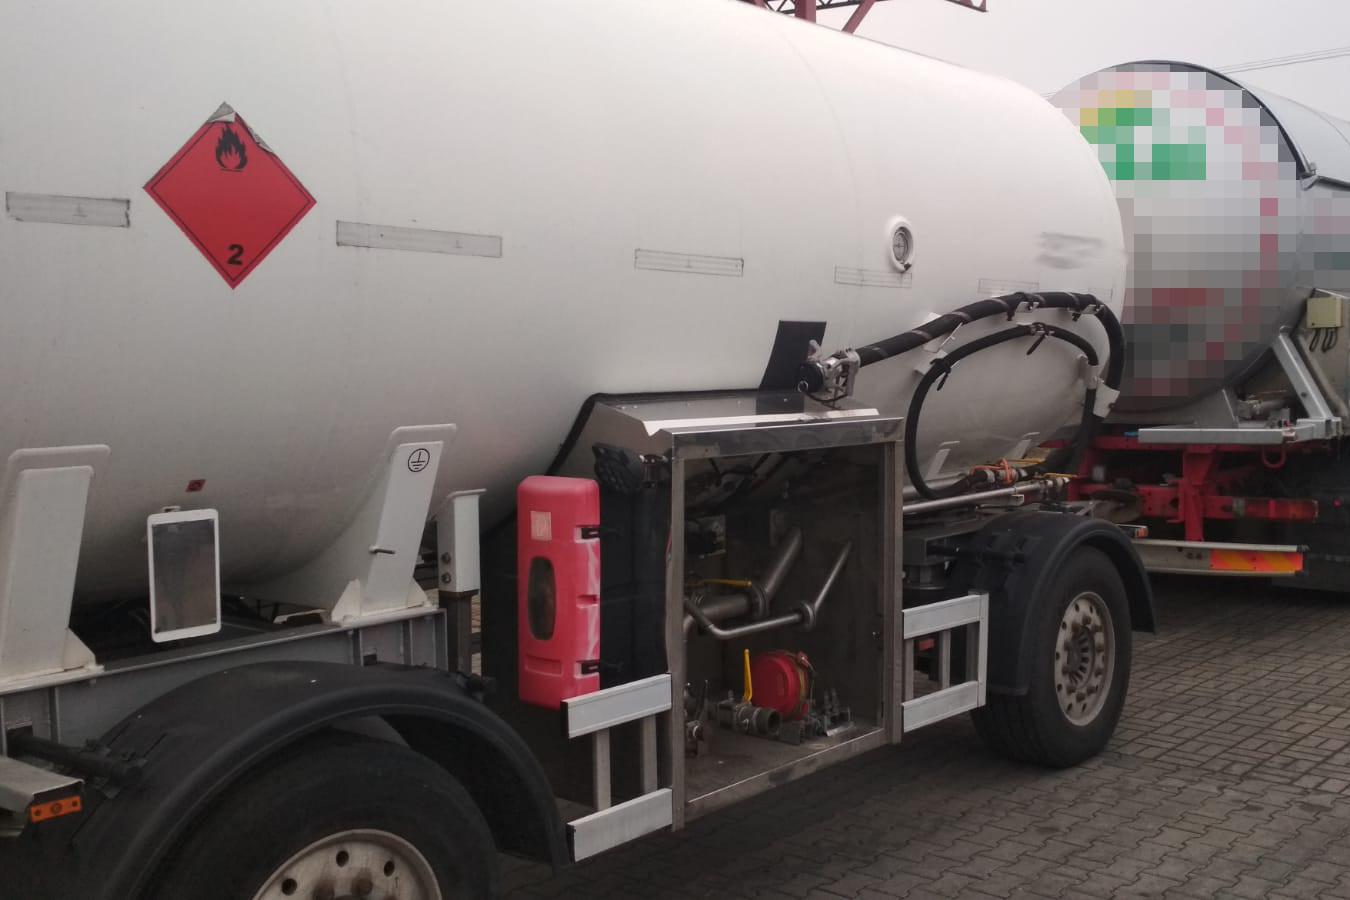 Rozbicie zorganizowanej grupy przestępczej dokonującej zmiany przeznaczenia gazu z grzewczego na napędowy LPG - pk.gov.pl